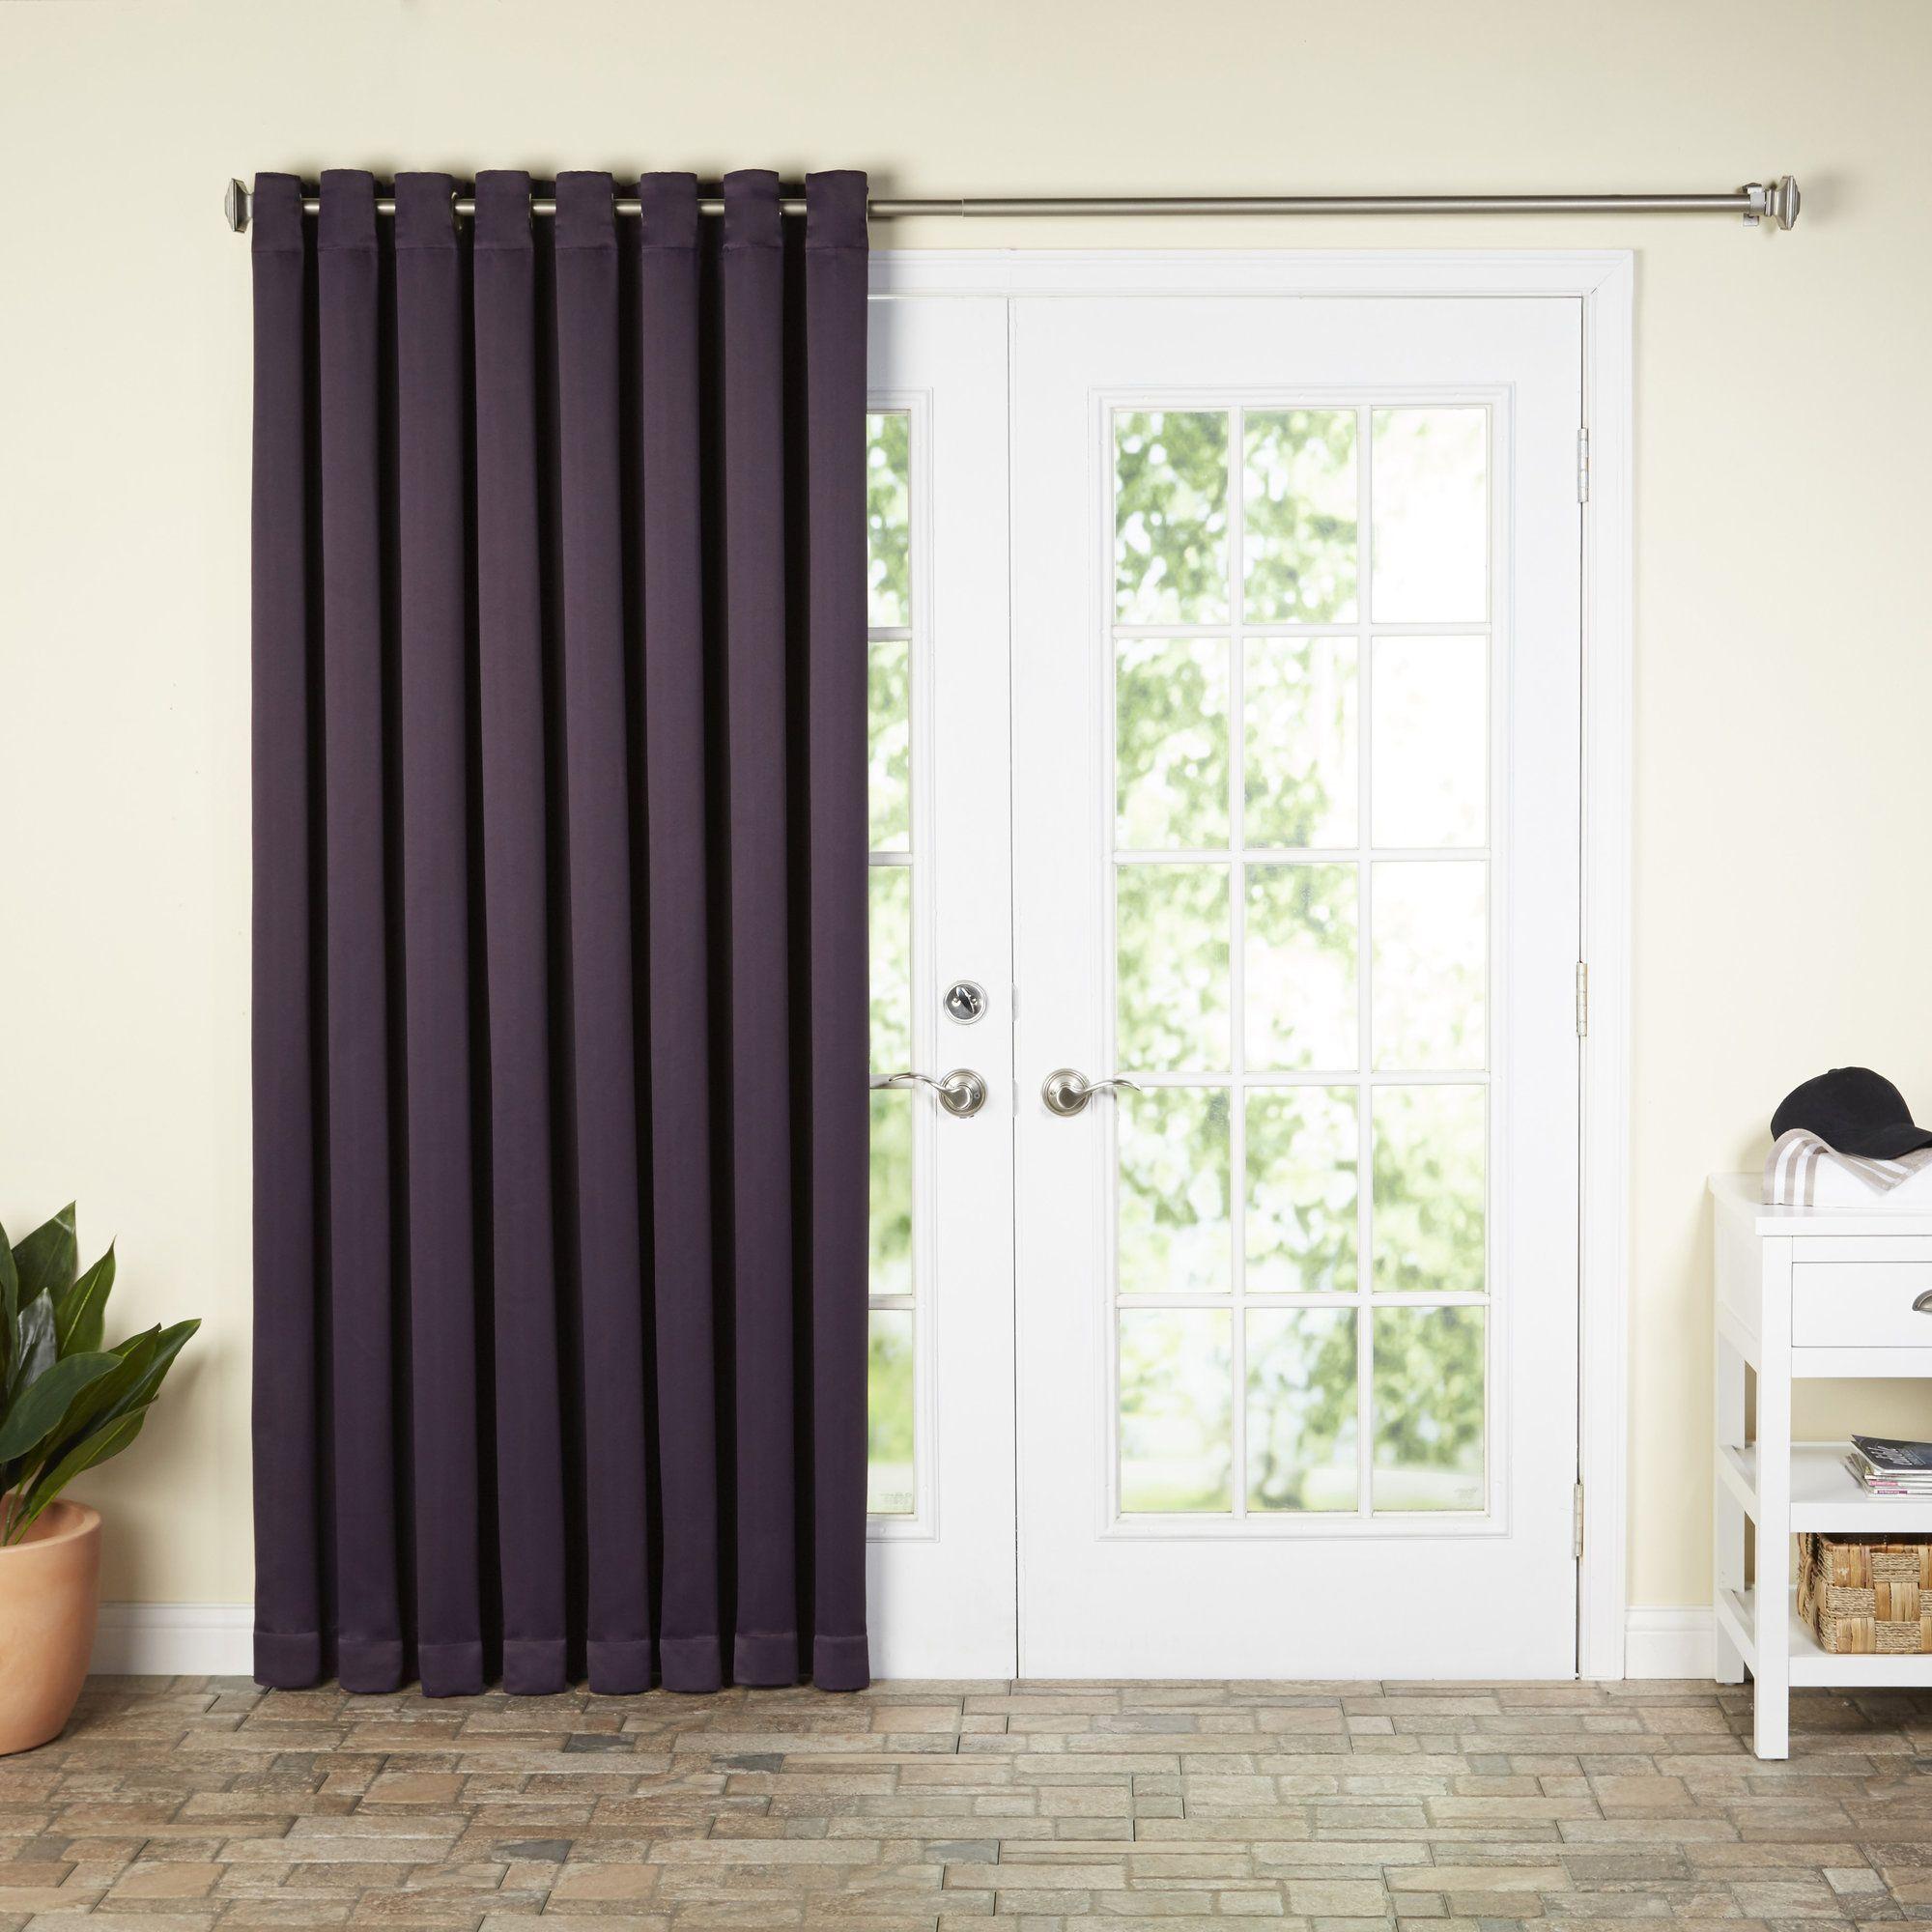 Basics Solid Blackout Grommet Single Patio Curtain Panel Patio Curtains Patio Door Curtains Single Patio Door